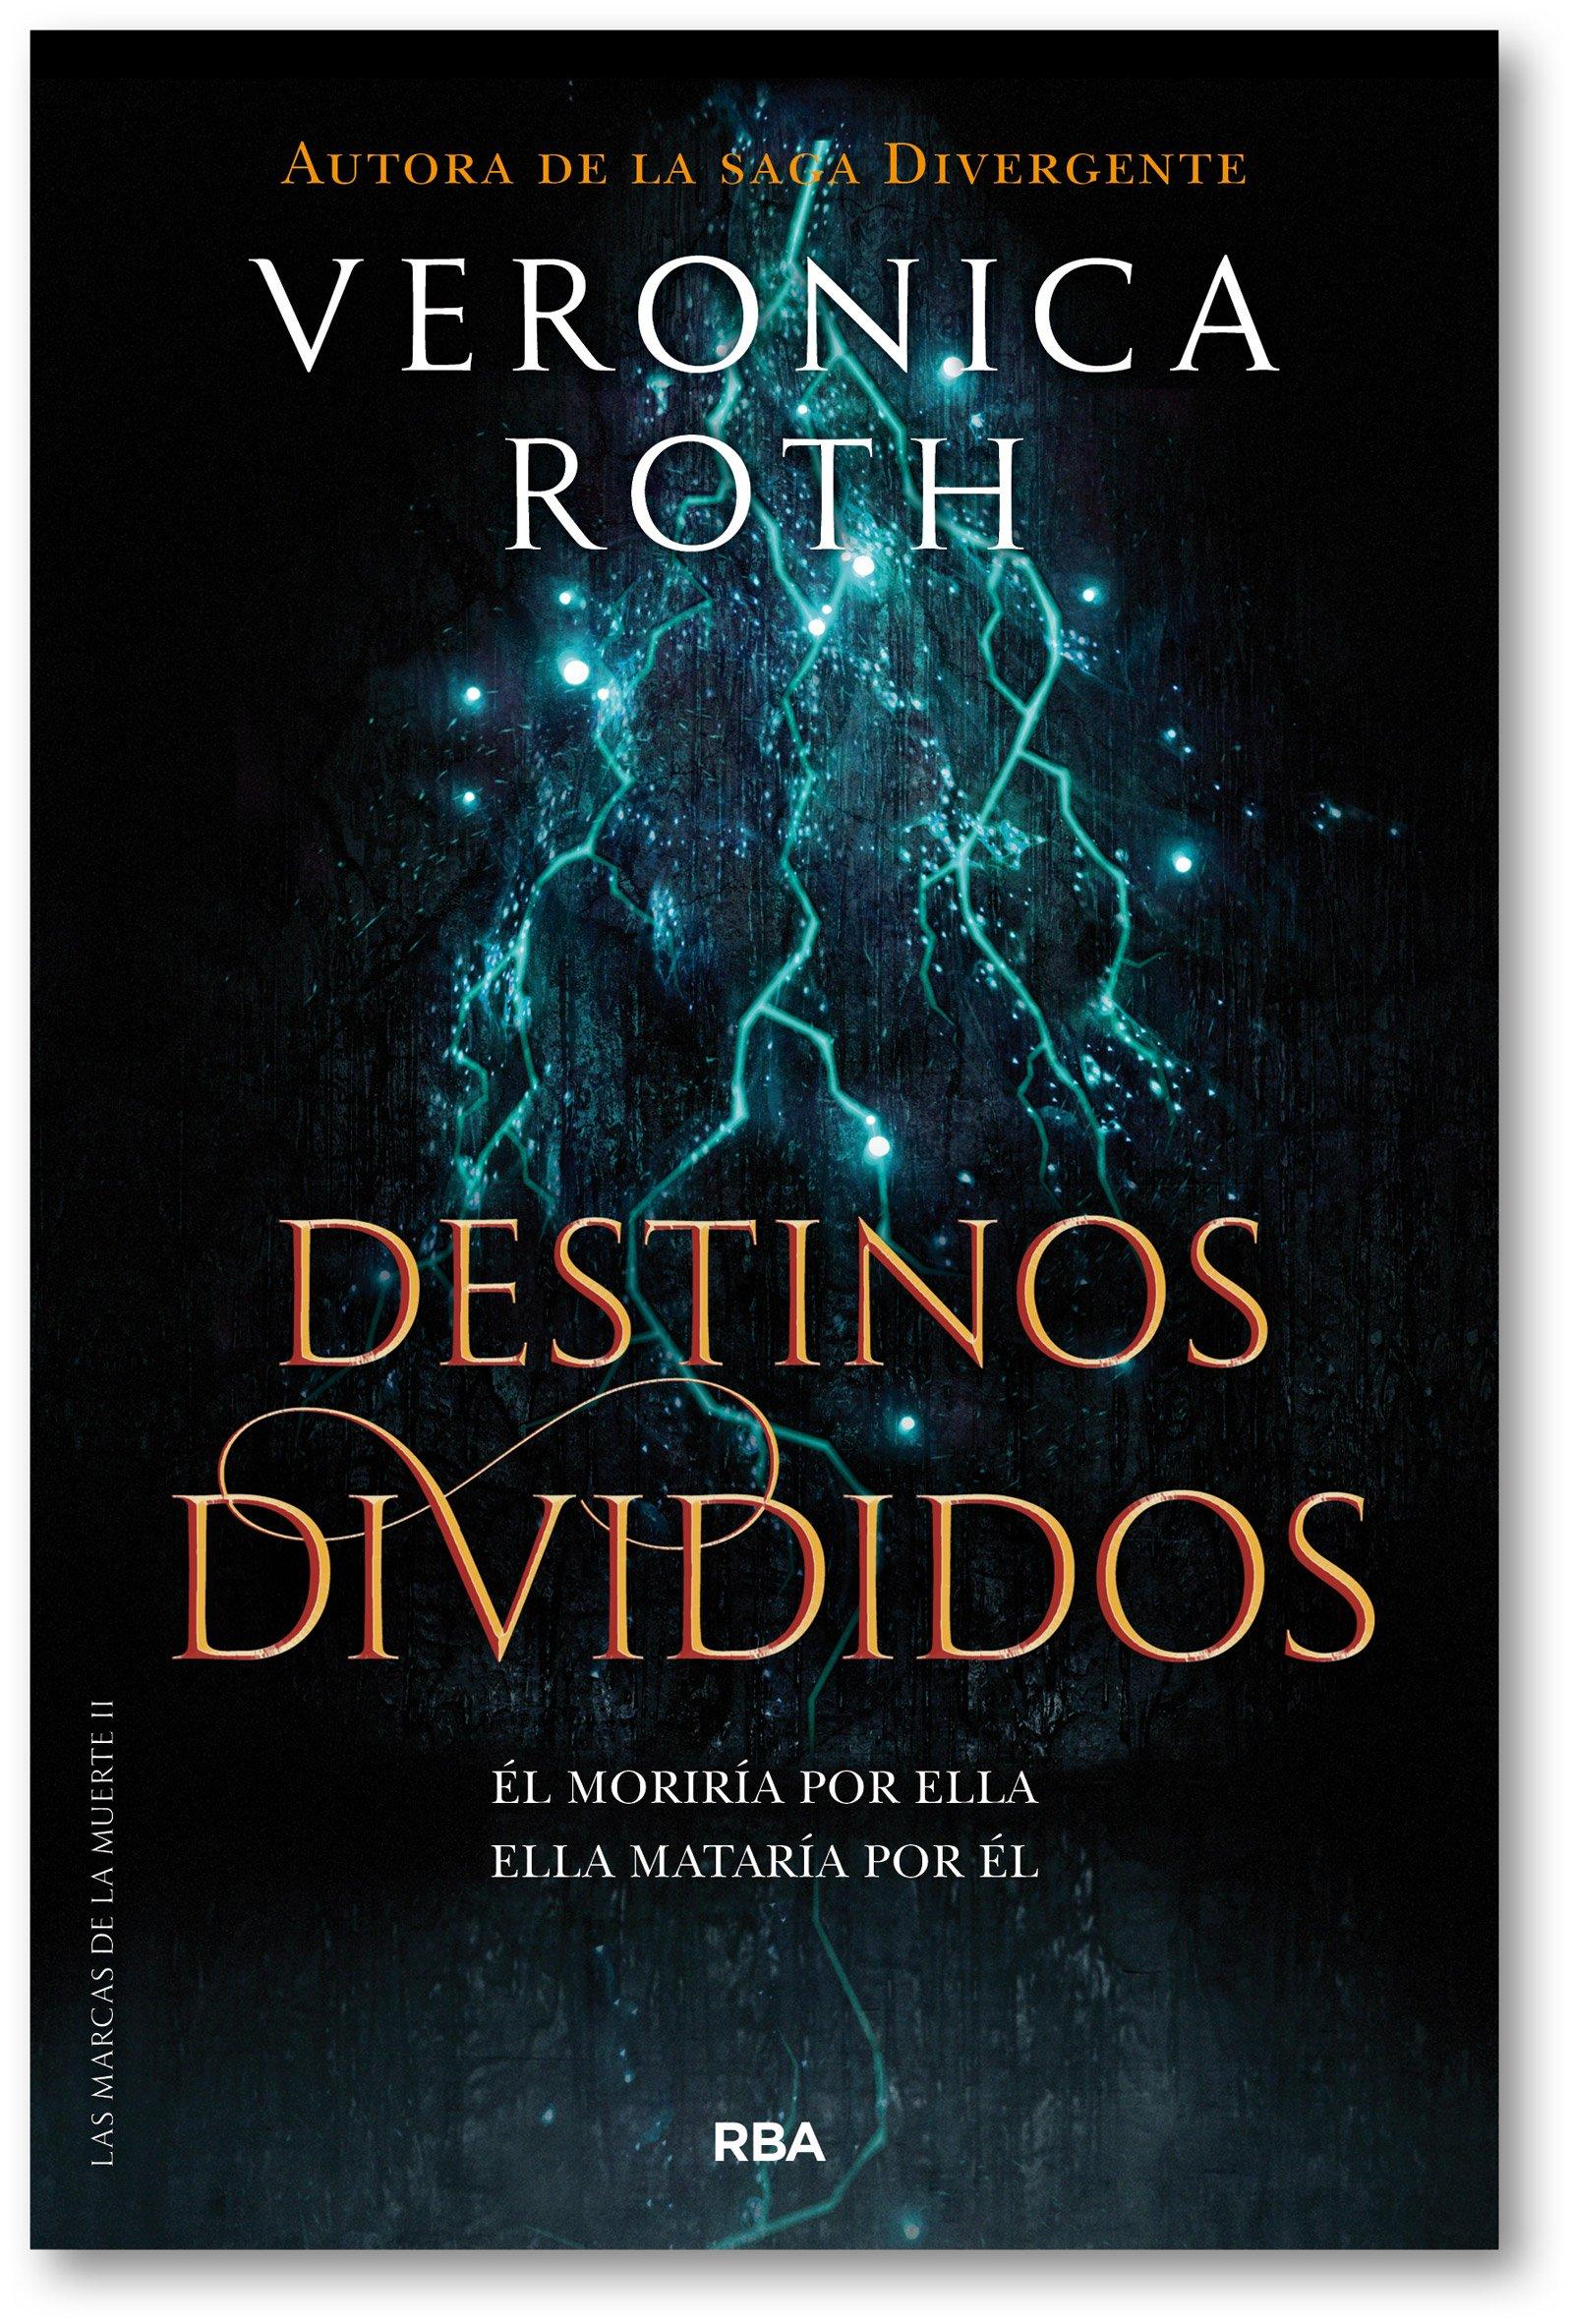 Las Marcas De La Muerte 2 Destinos Divididos Veronica Roth Spanish Edition Roth Veronica Ramírez Tello Pilar Garcia Campos Raul 9788427213401 Books